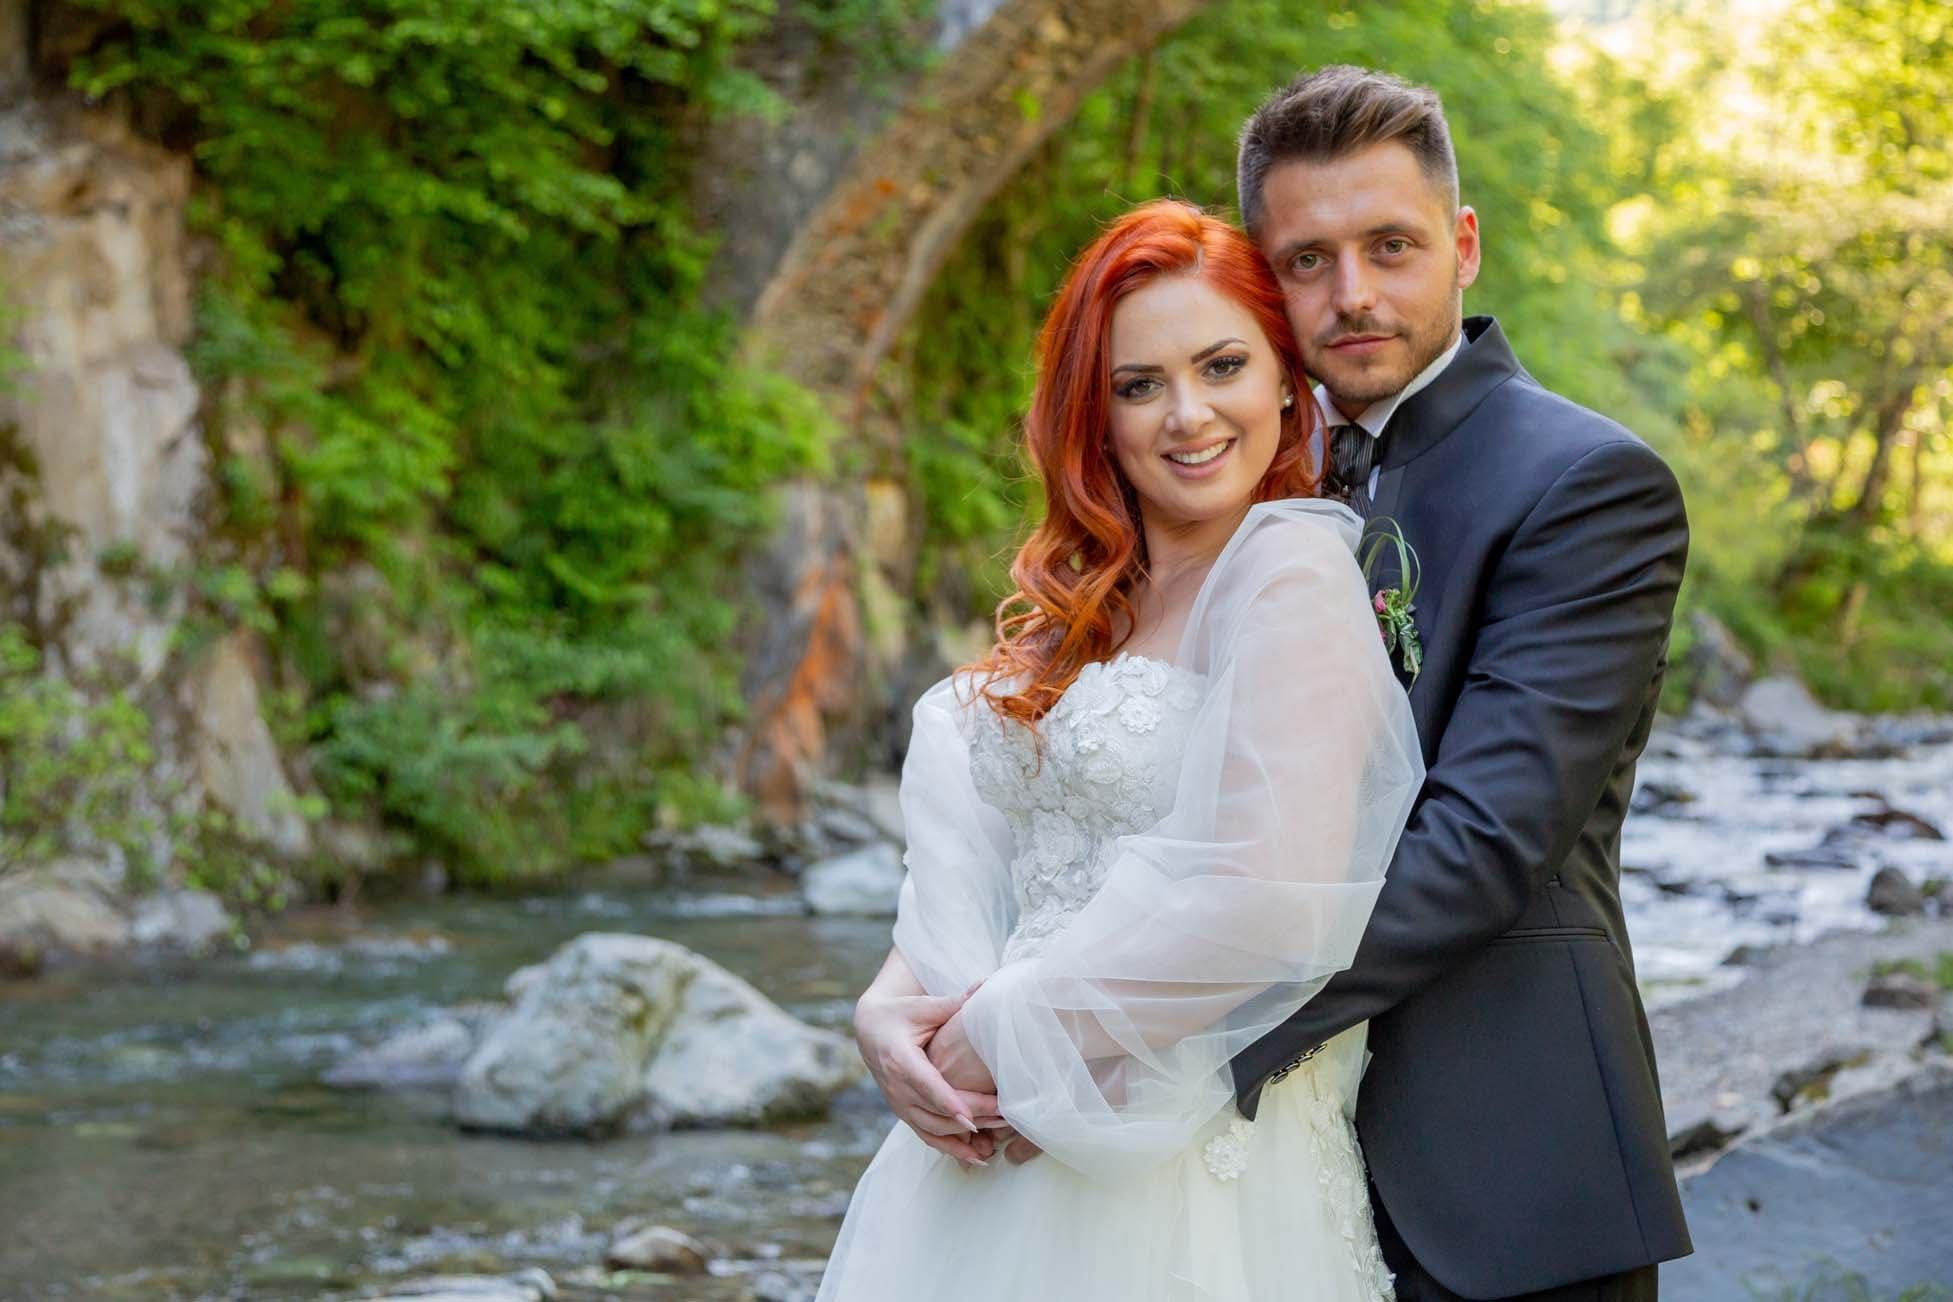 Matrimonio a prima vista Italia, questa sera nuova puntata dello